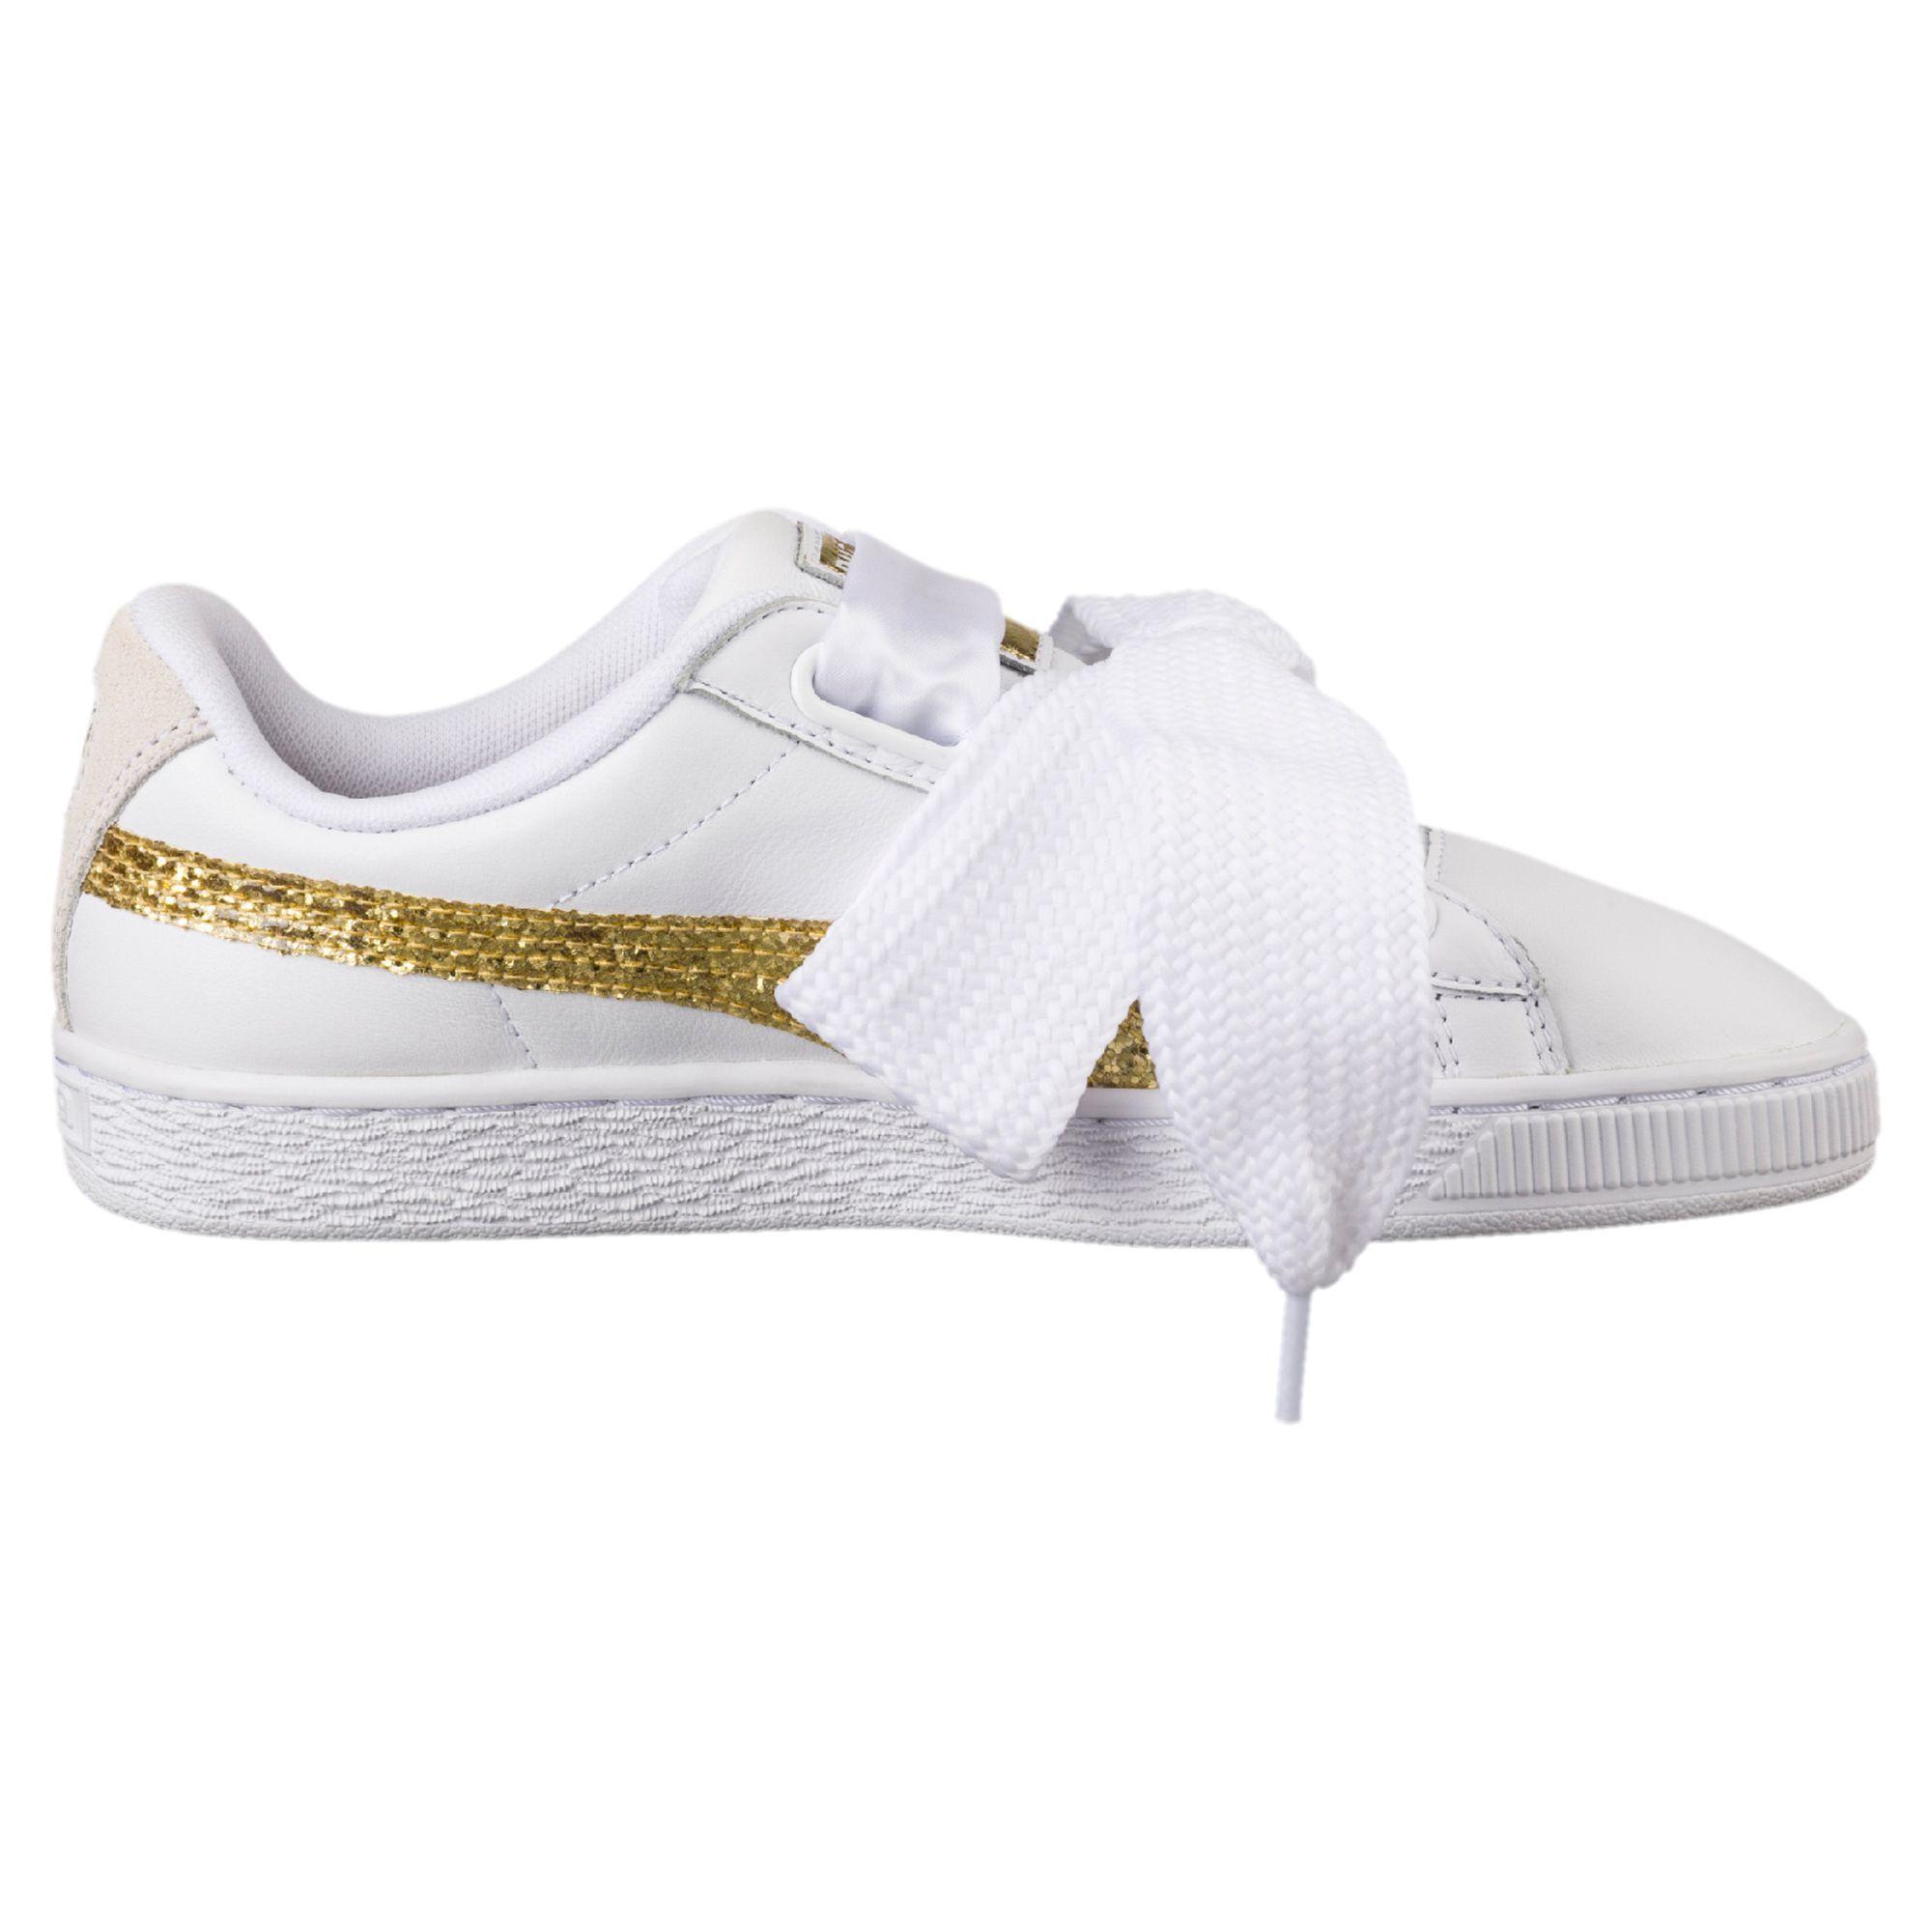 scarpe calcio puma brillantini